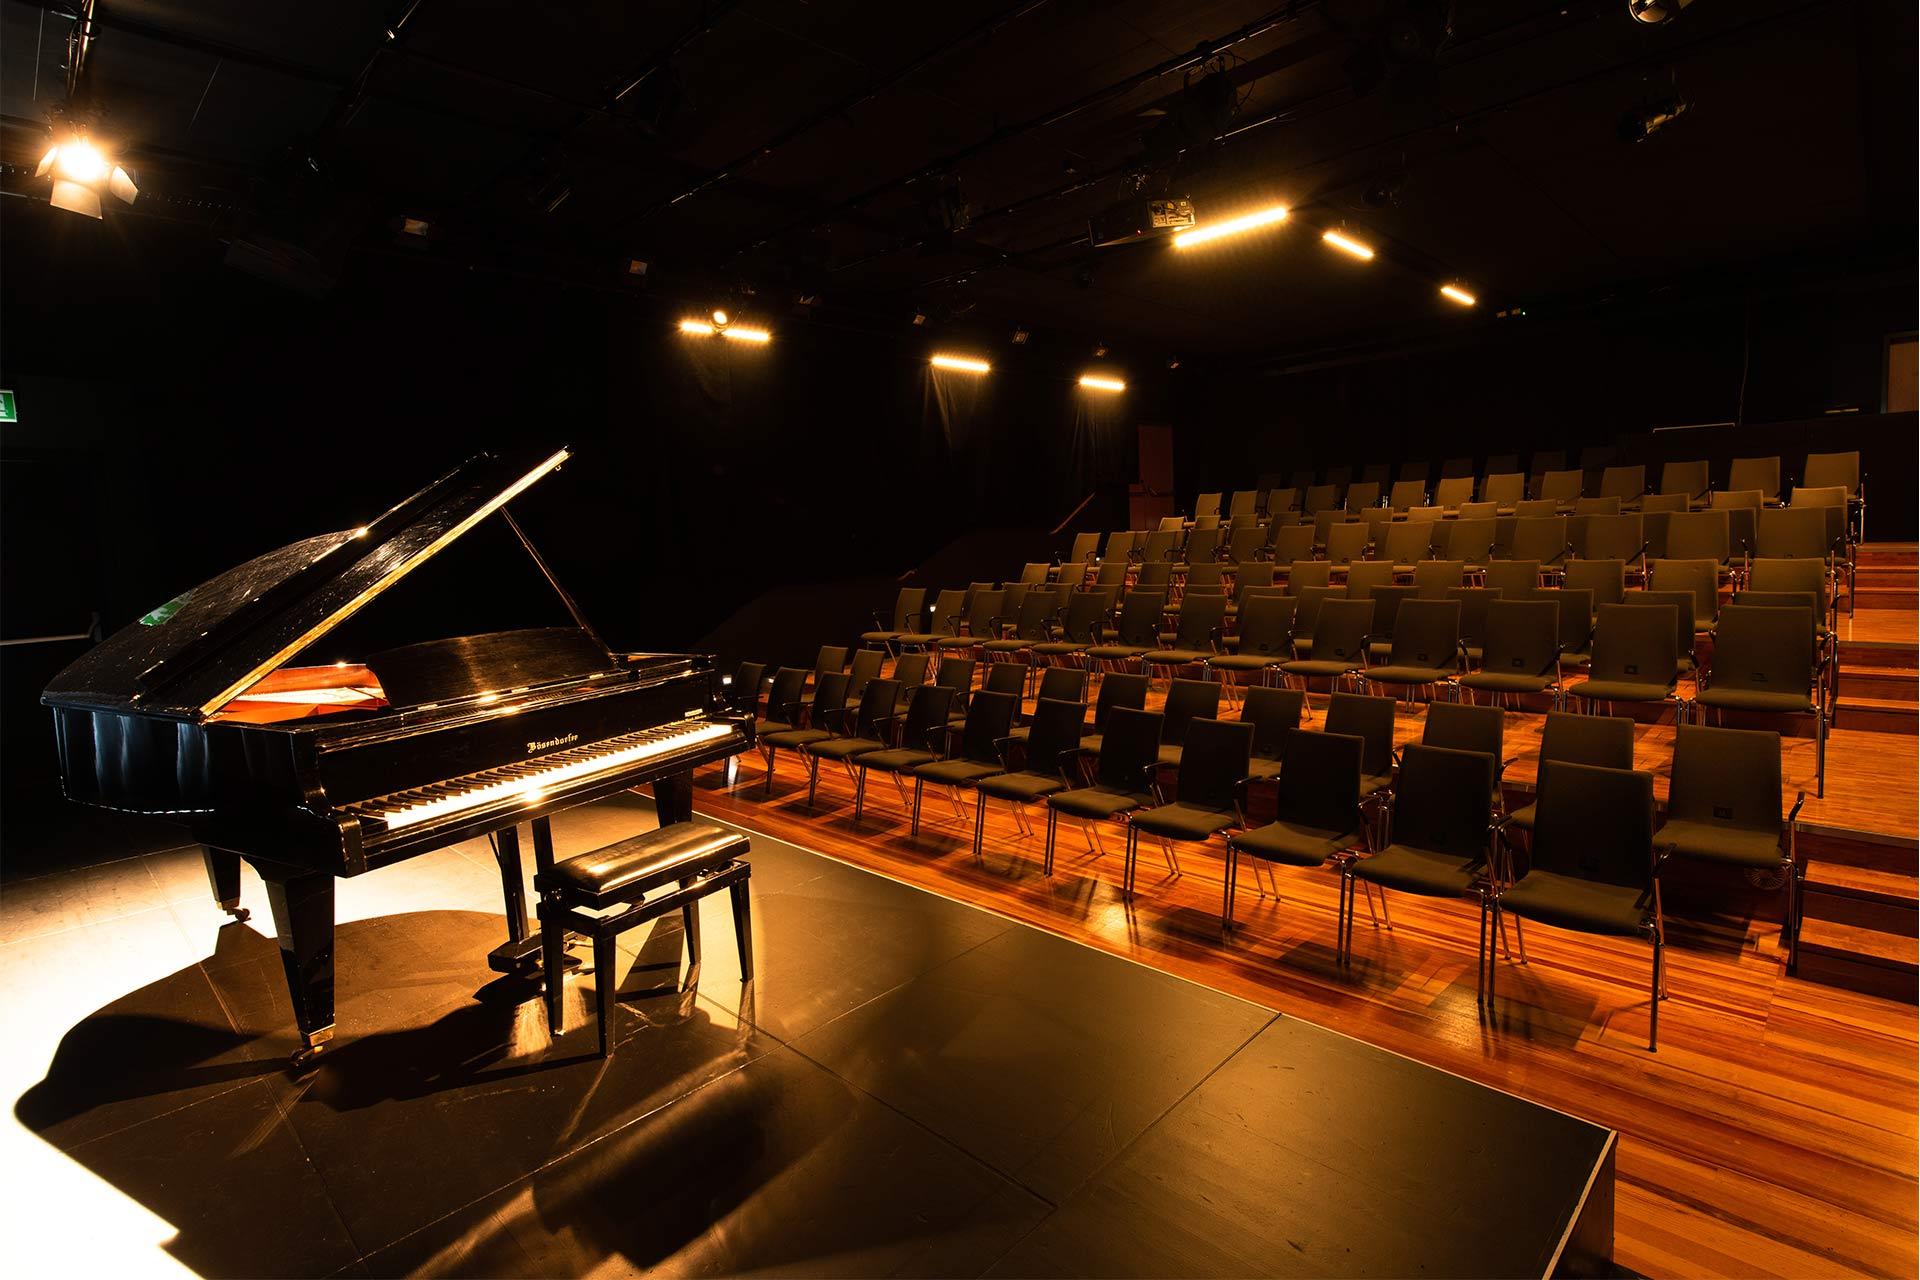 k1 traunreut studiotheater reihenbestuhlung